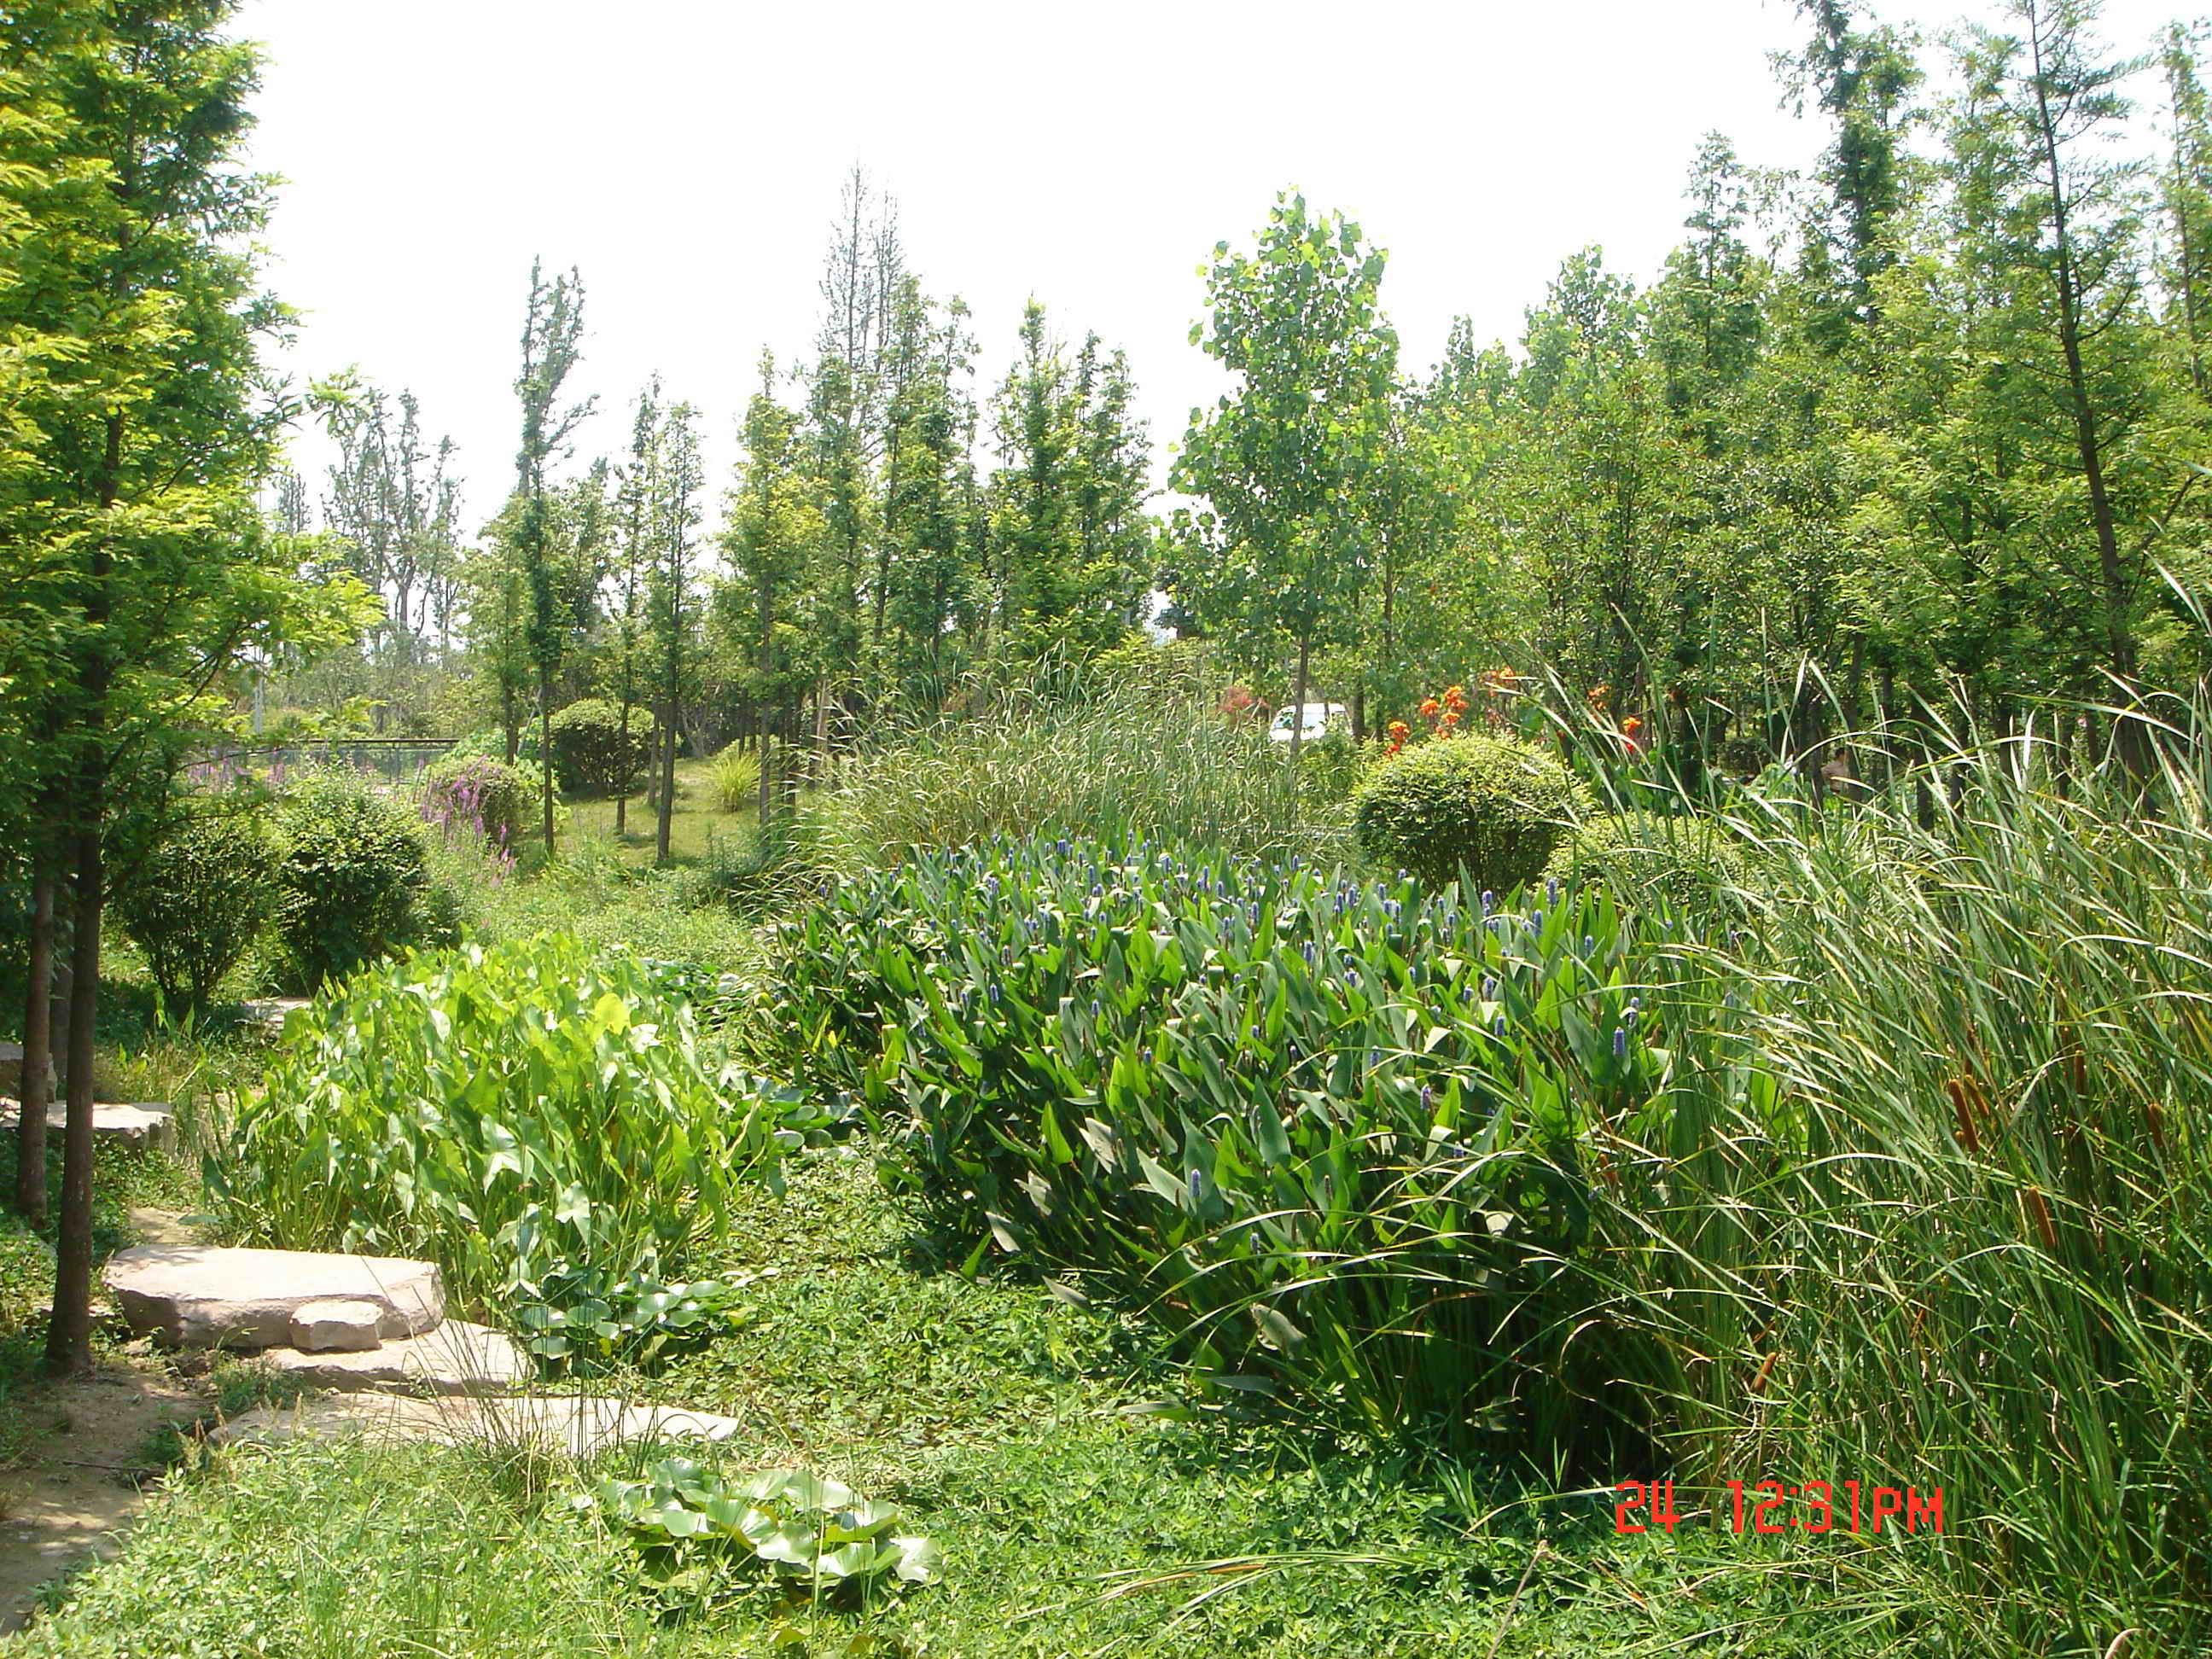 湿地景观5 水秀江南 论宁波日湖公园水景设计 高清图片